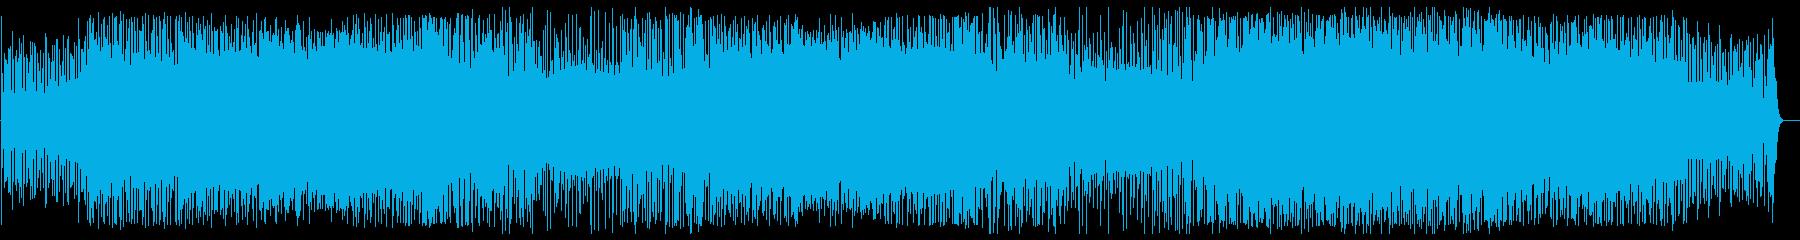 軽快でリズミカルなピアノテクノポップの再生済みの波形